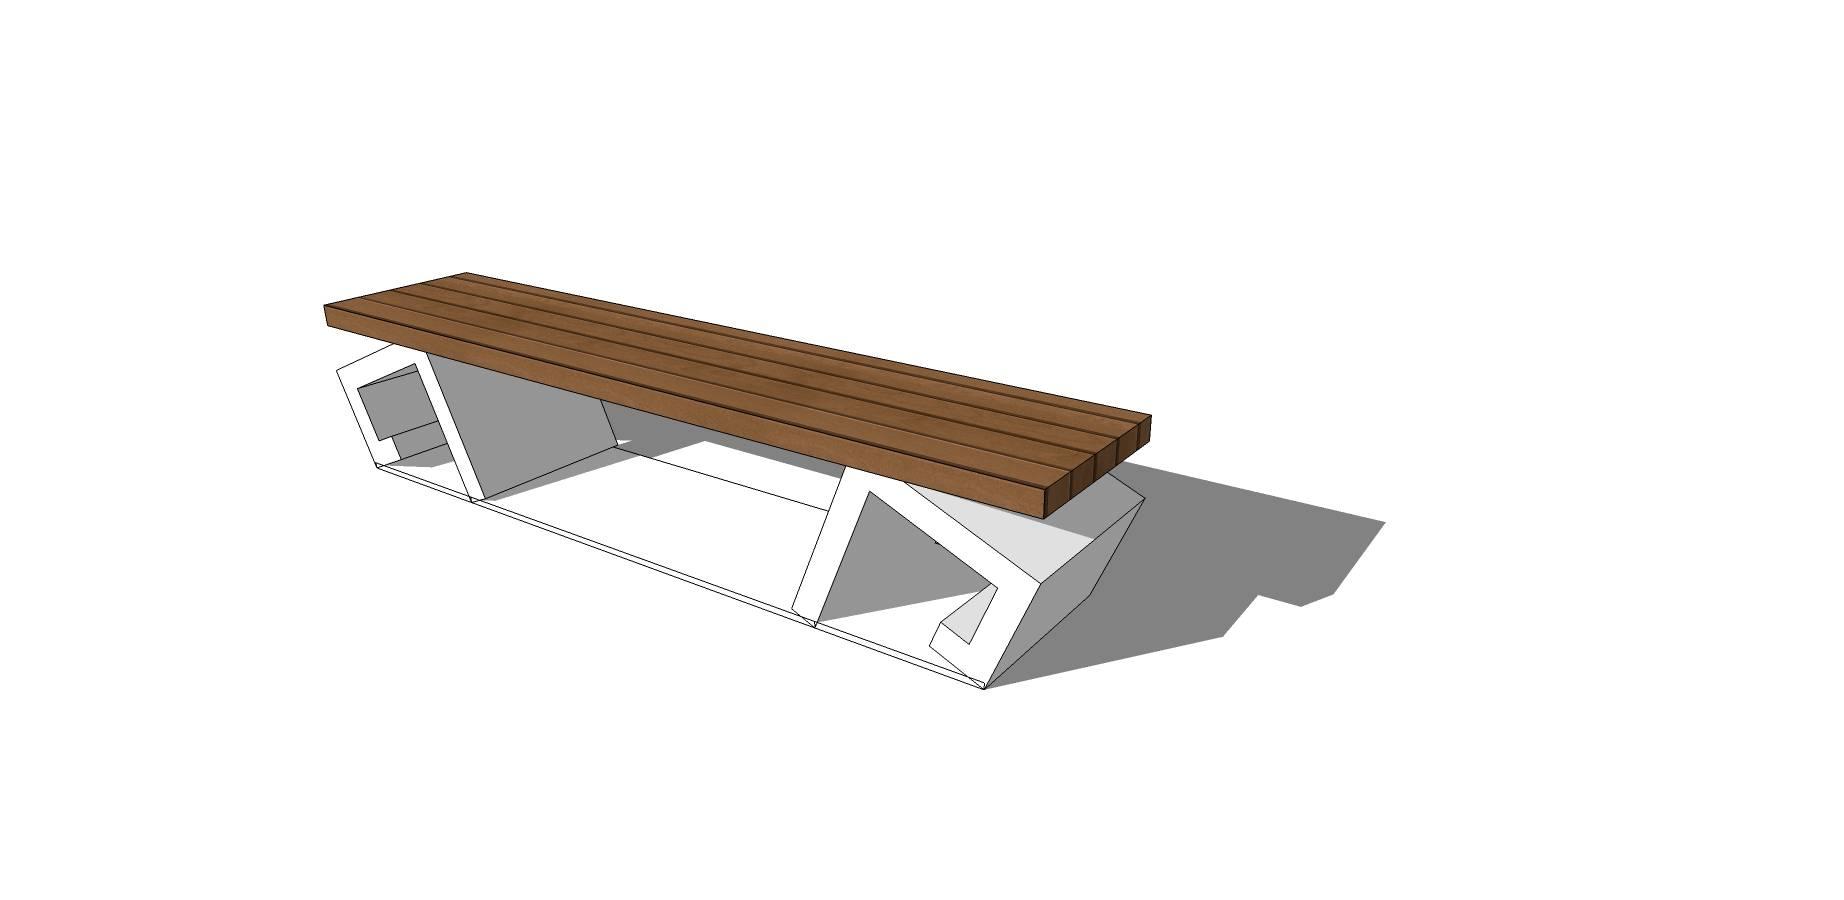 简约创意户外休息坐凳模型